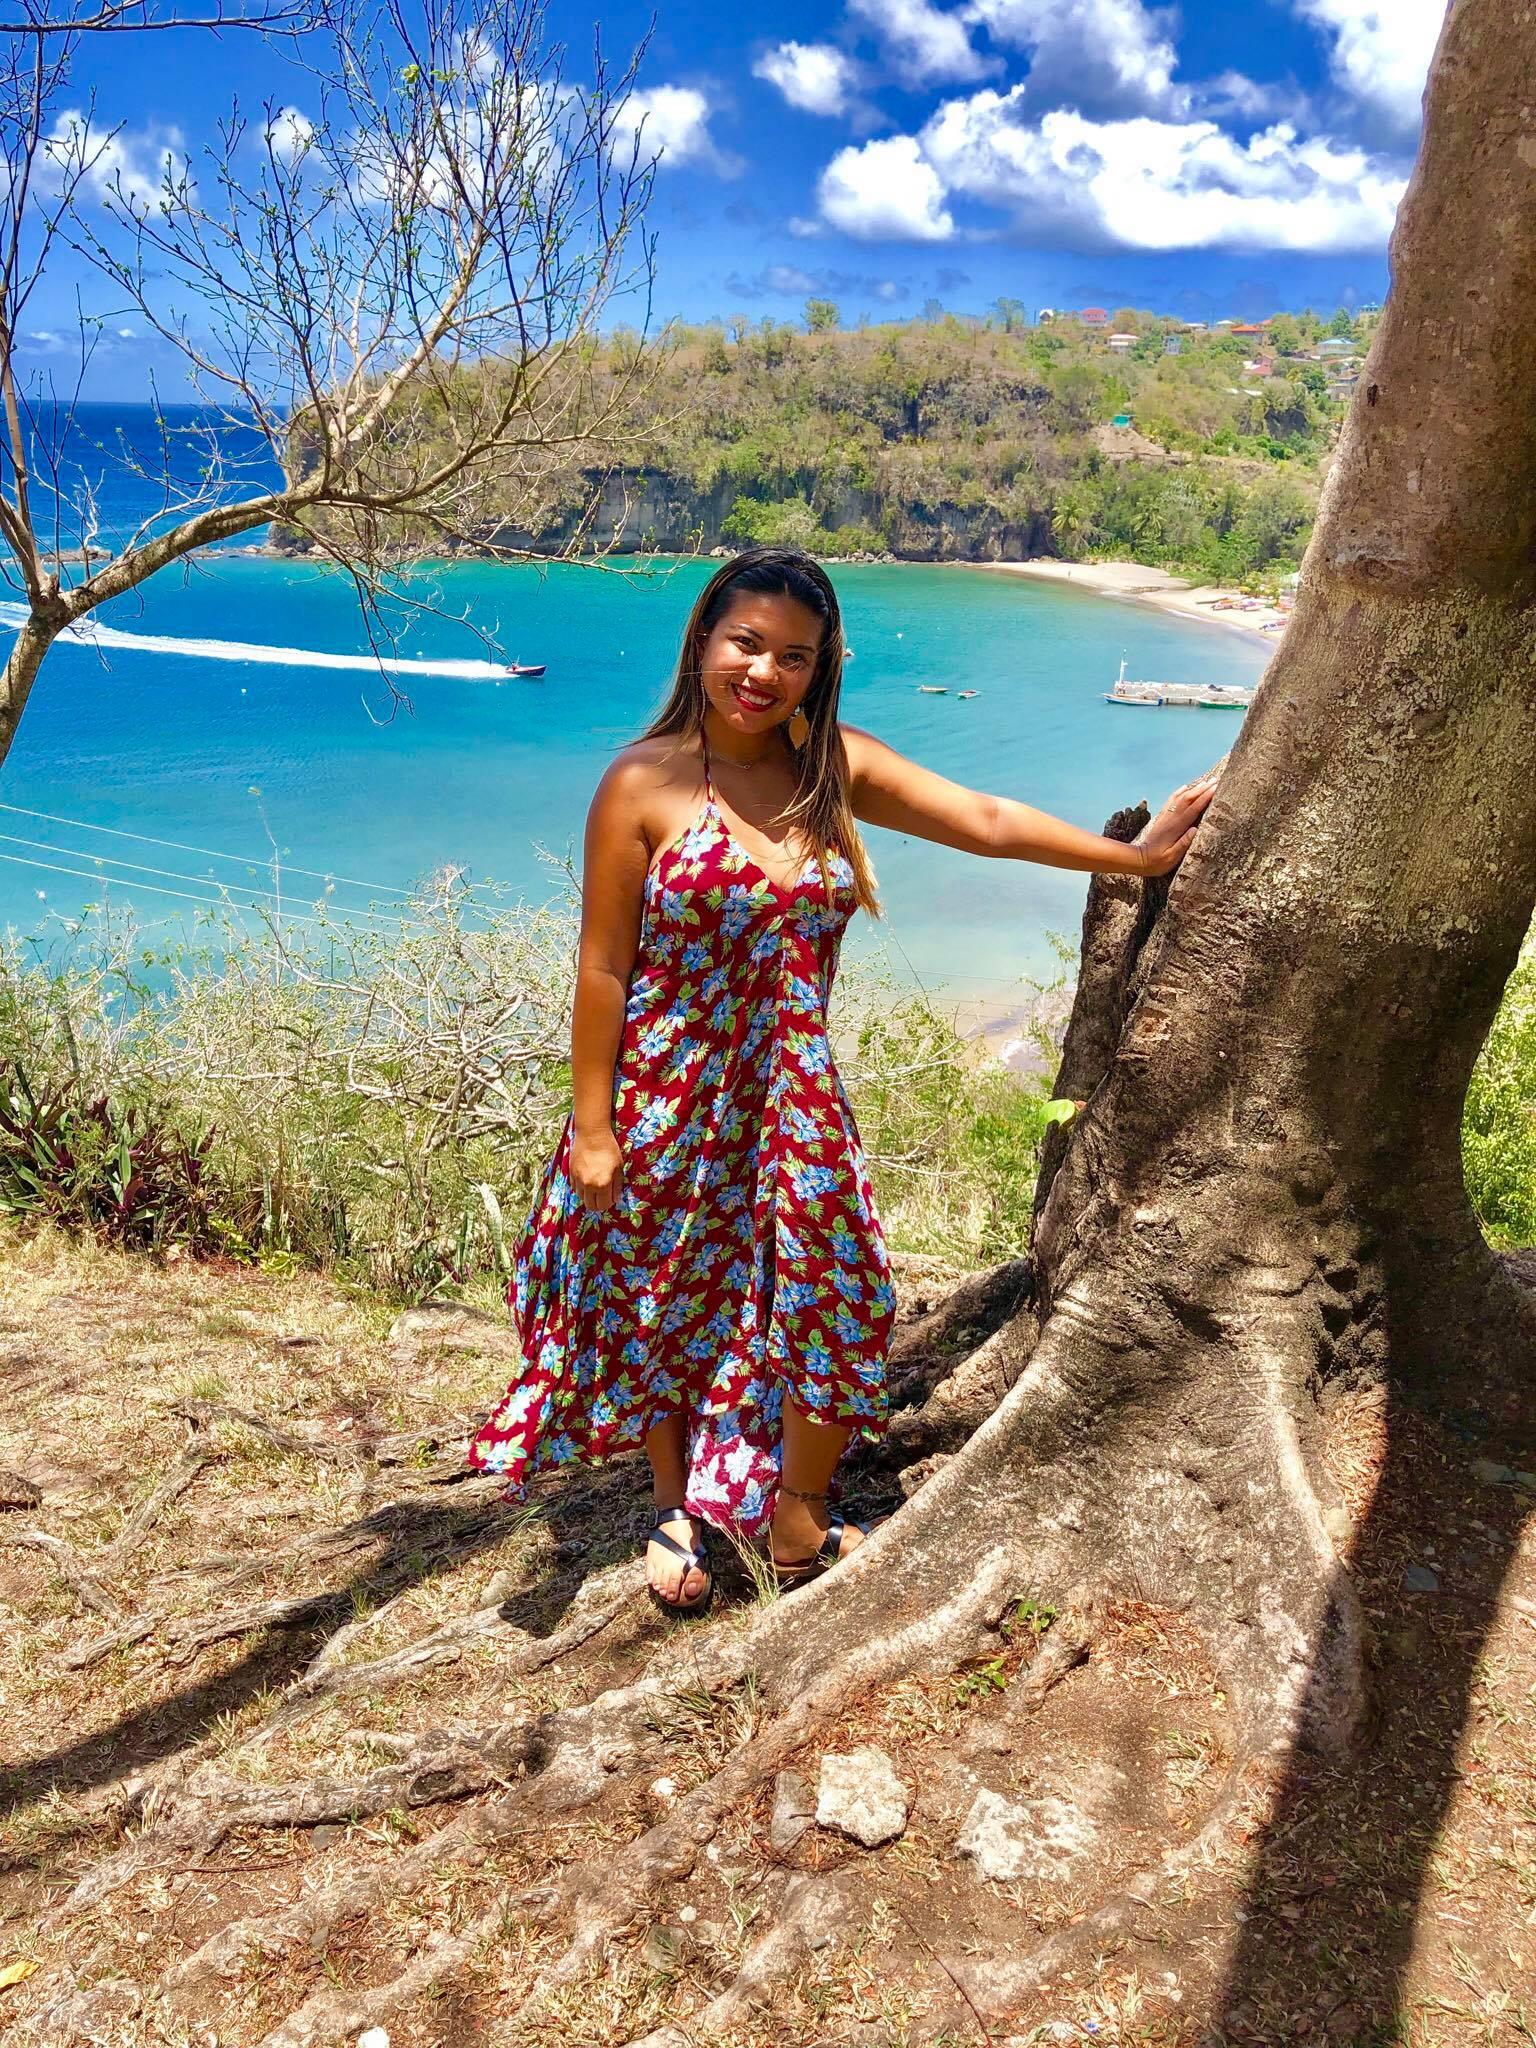 Kach Solo Travels in 2019 Beautiful St Lucia25.jpg